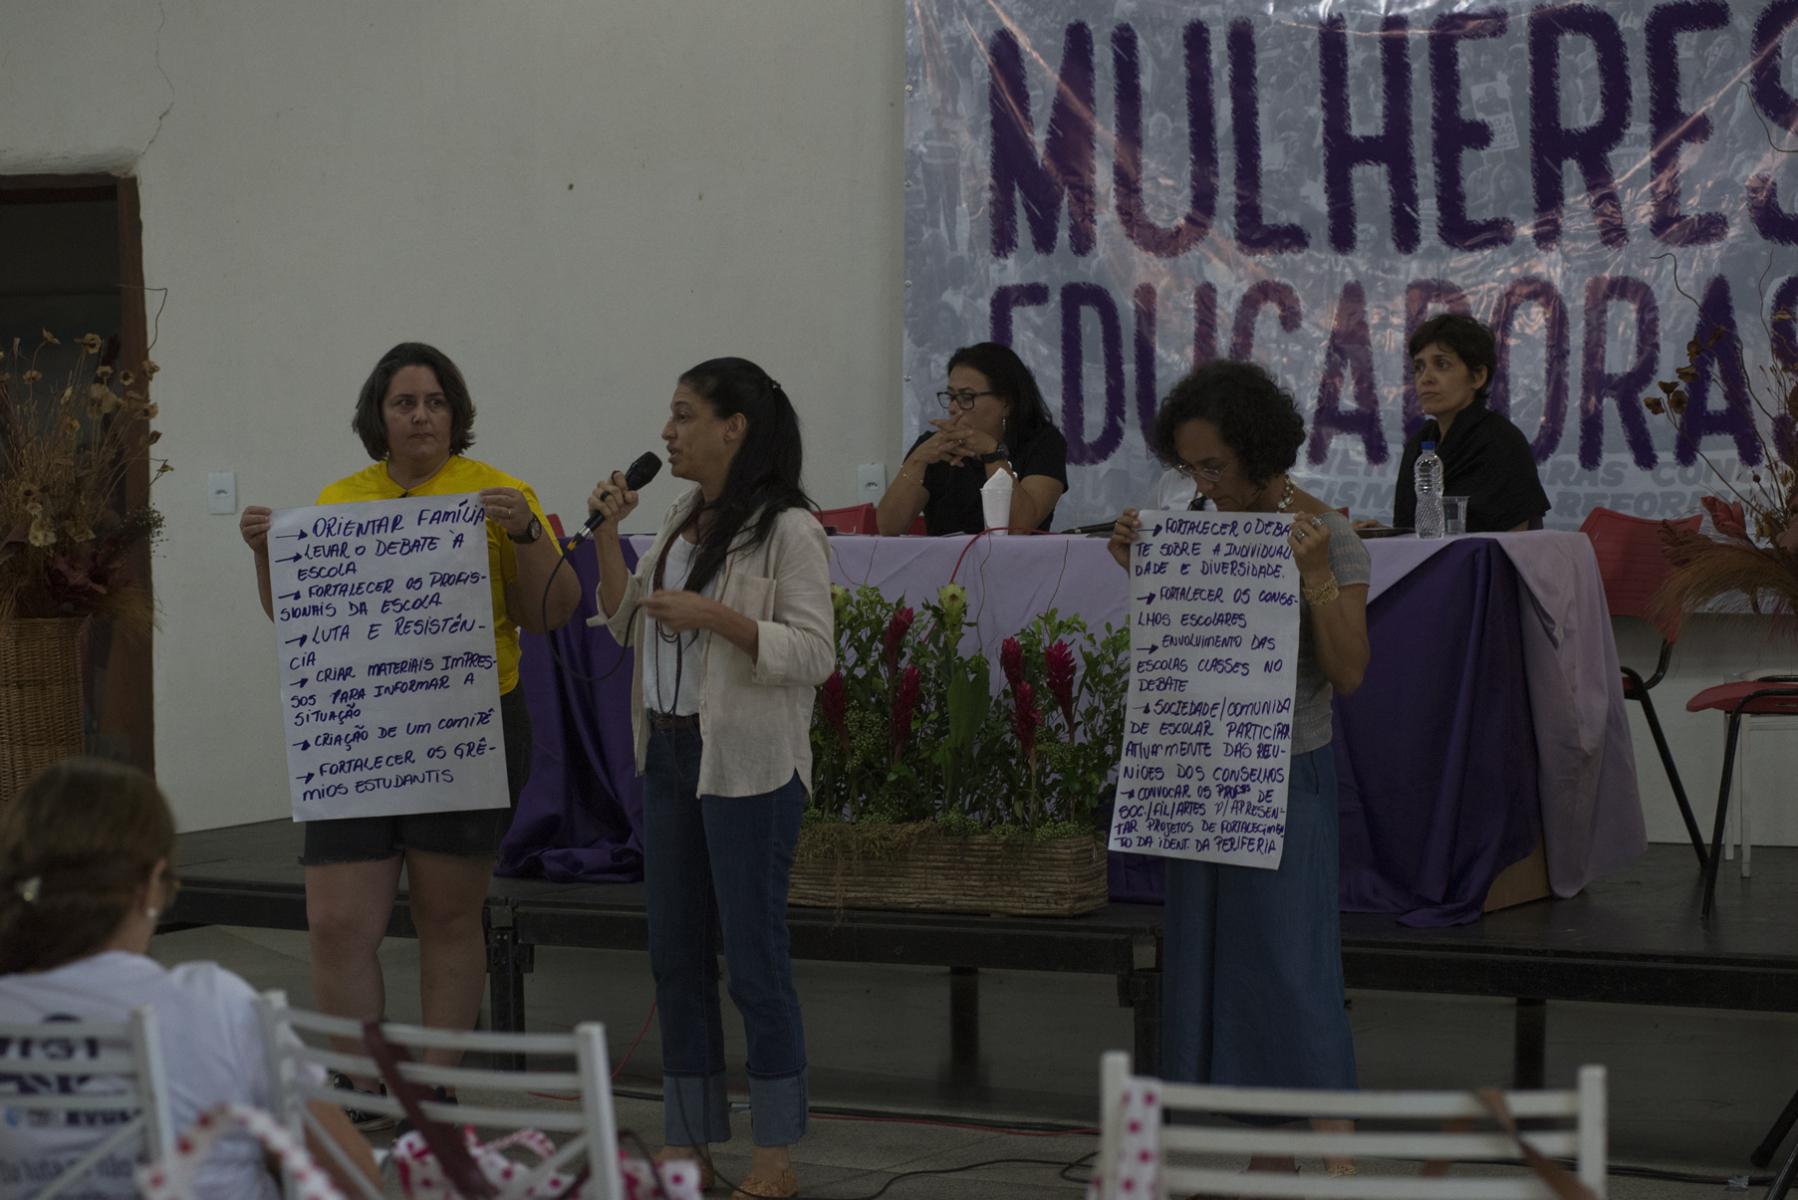 2019.04.27_ENCONTRO-MULHERES-EDUCADORAS_fotos-Deva-Garcia-19